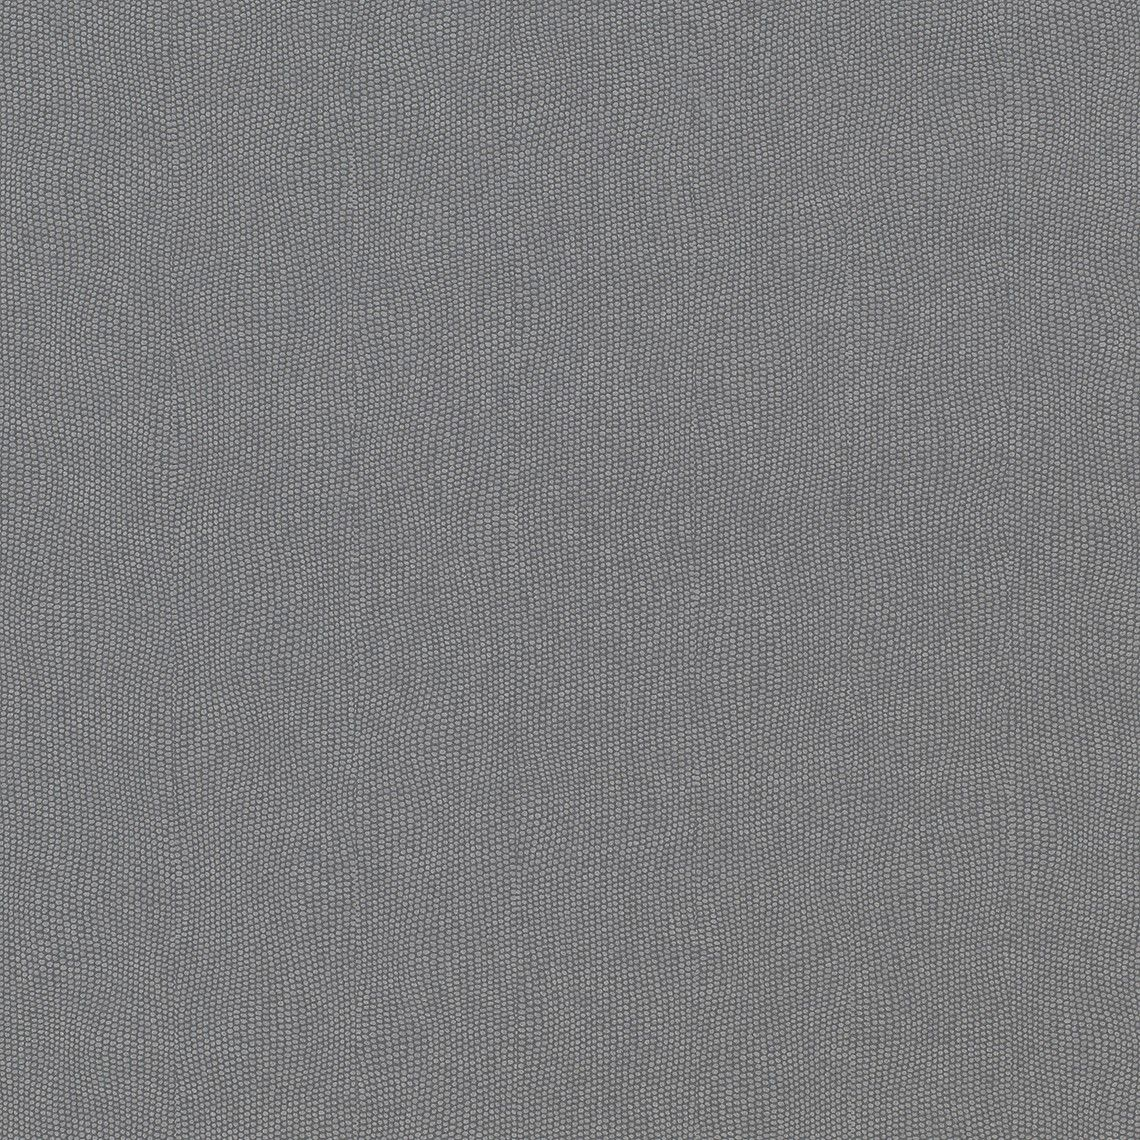 papier peint mano intiss faux uni textur gris souris peinture et papier peint saint. Black Bedroom Furniture Sets. Home Design Ideas